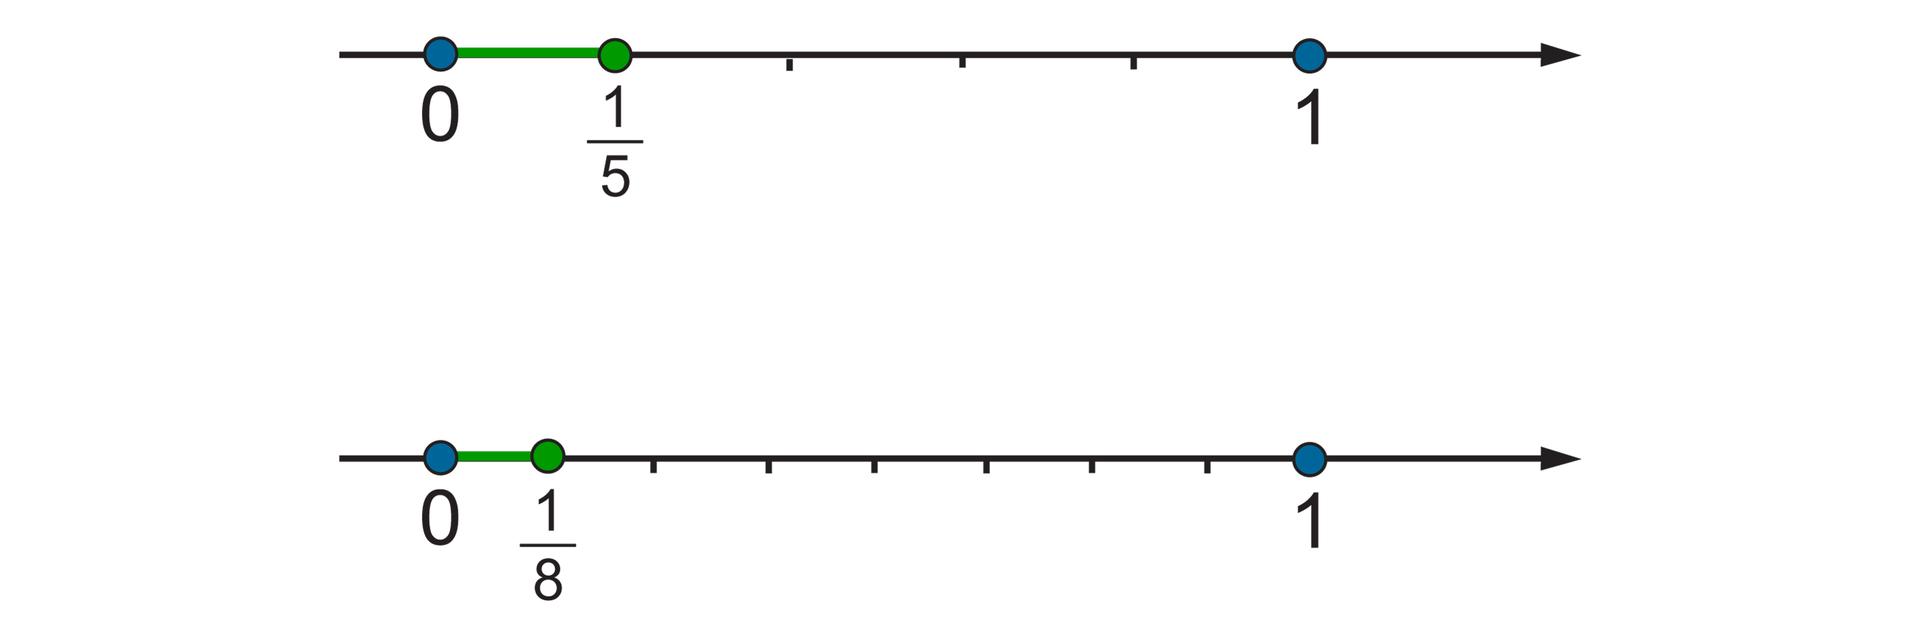 Rysunek dwóch osi liczbowych zzaznaczonymi punktami 0 i1. Na pierwszej osi odcinek jednostkowy podzielony na 5 równych części. Zaznaczony punkt jedna piąta. Na drugiej osi odcinek jednostkowy podzielony na 8 równych części. Zaznaczony punkt jedna ósma.